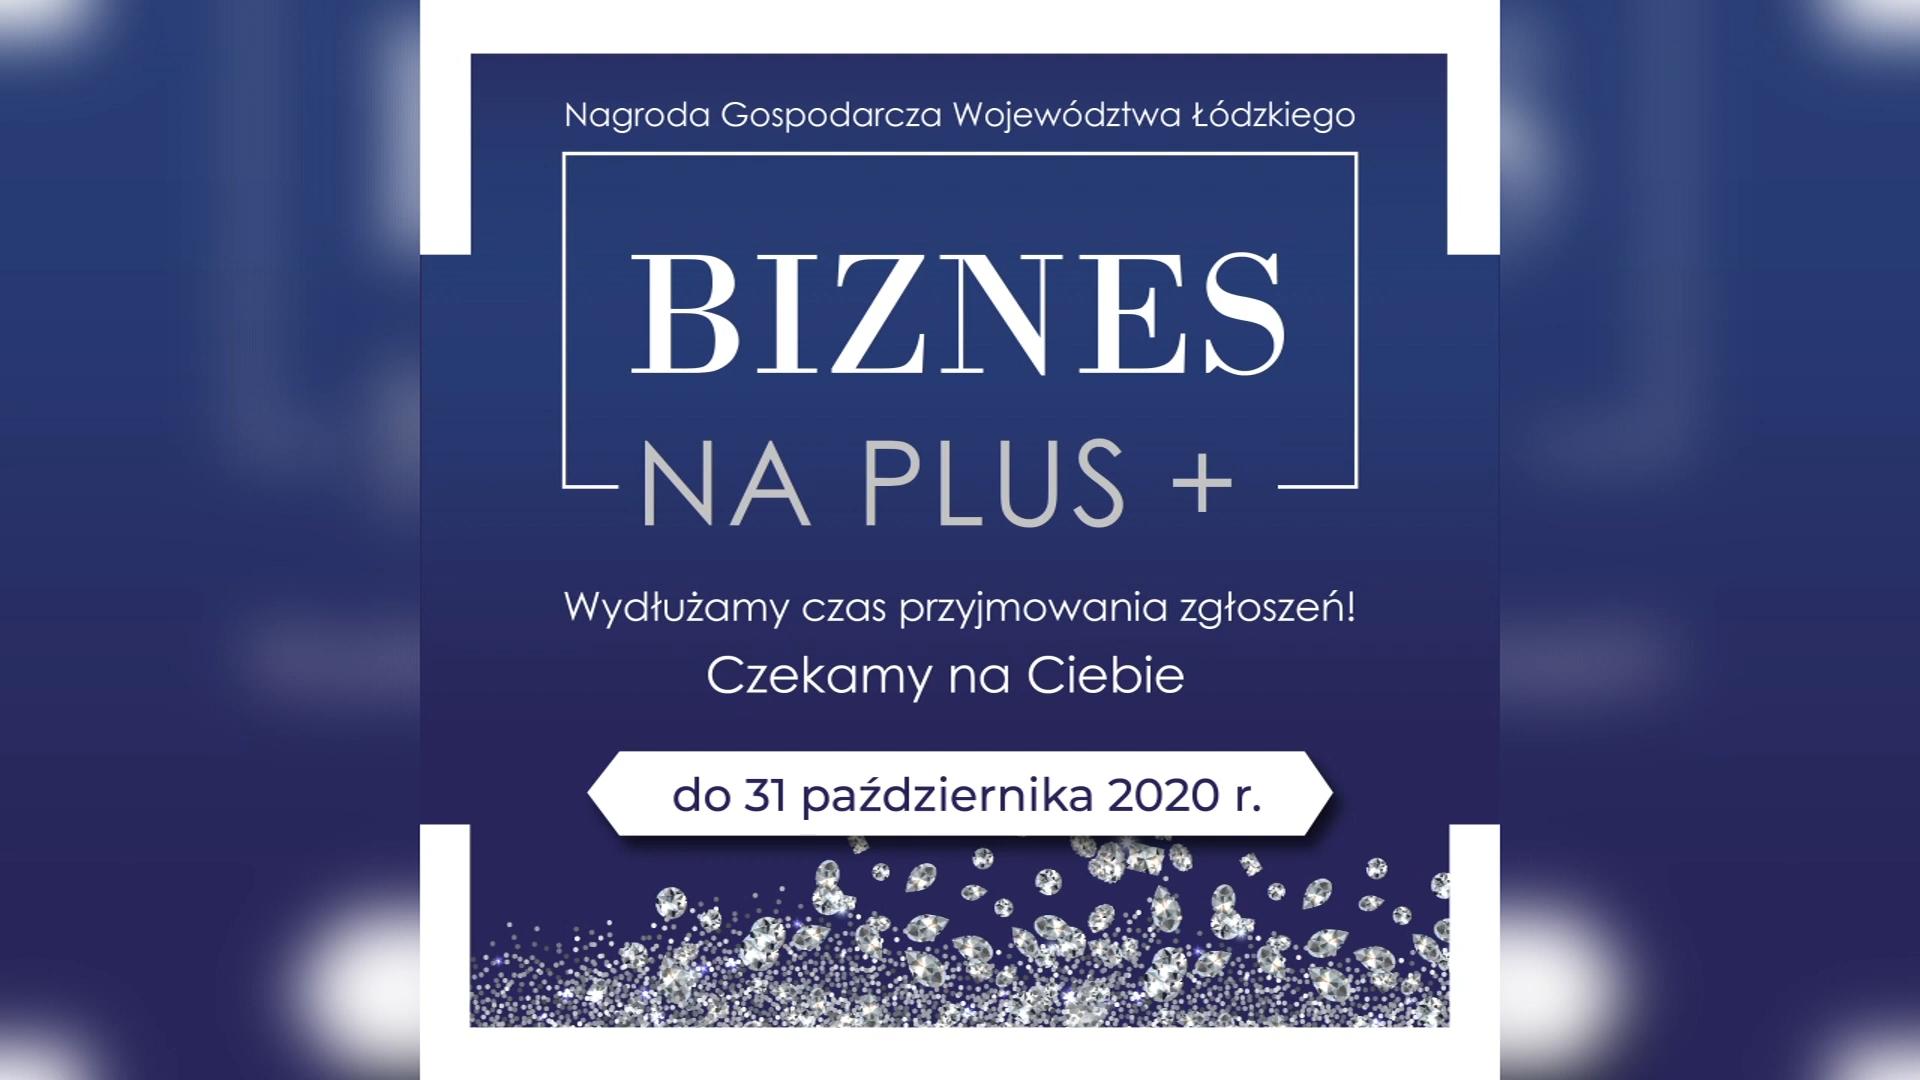 Biznes na plus – ogłoszenie